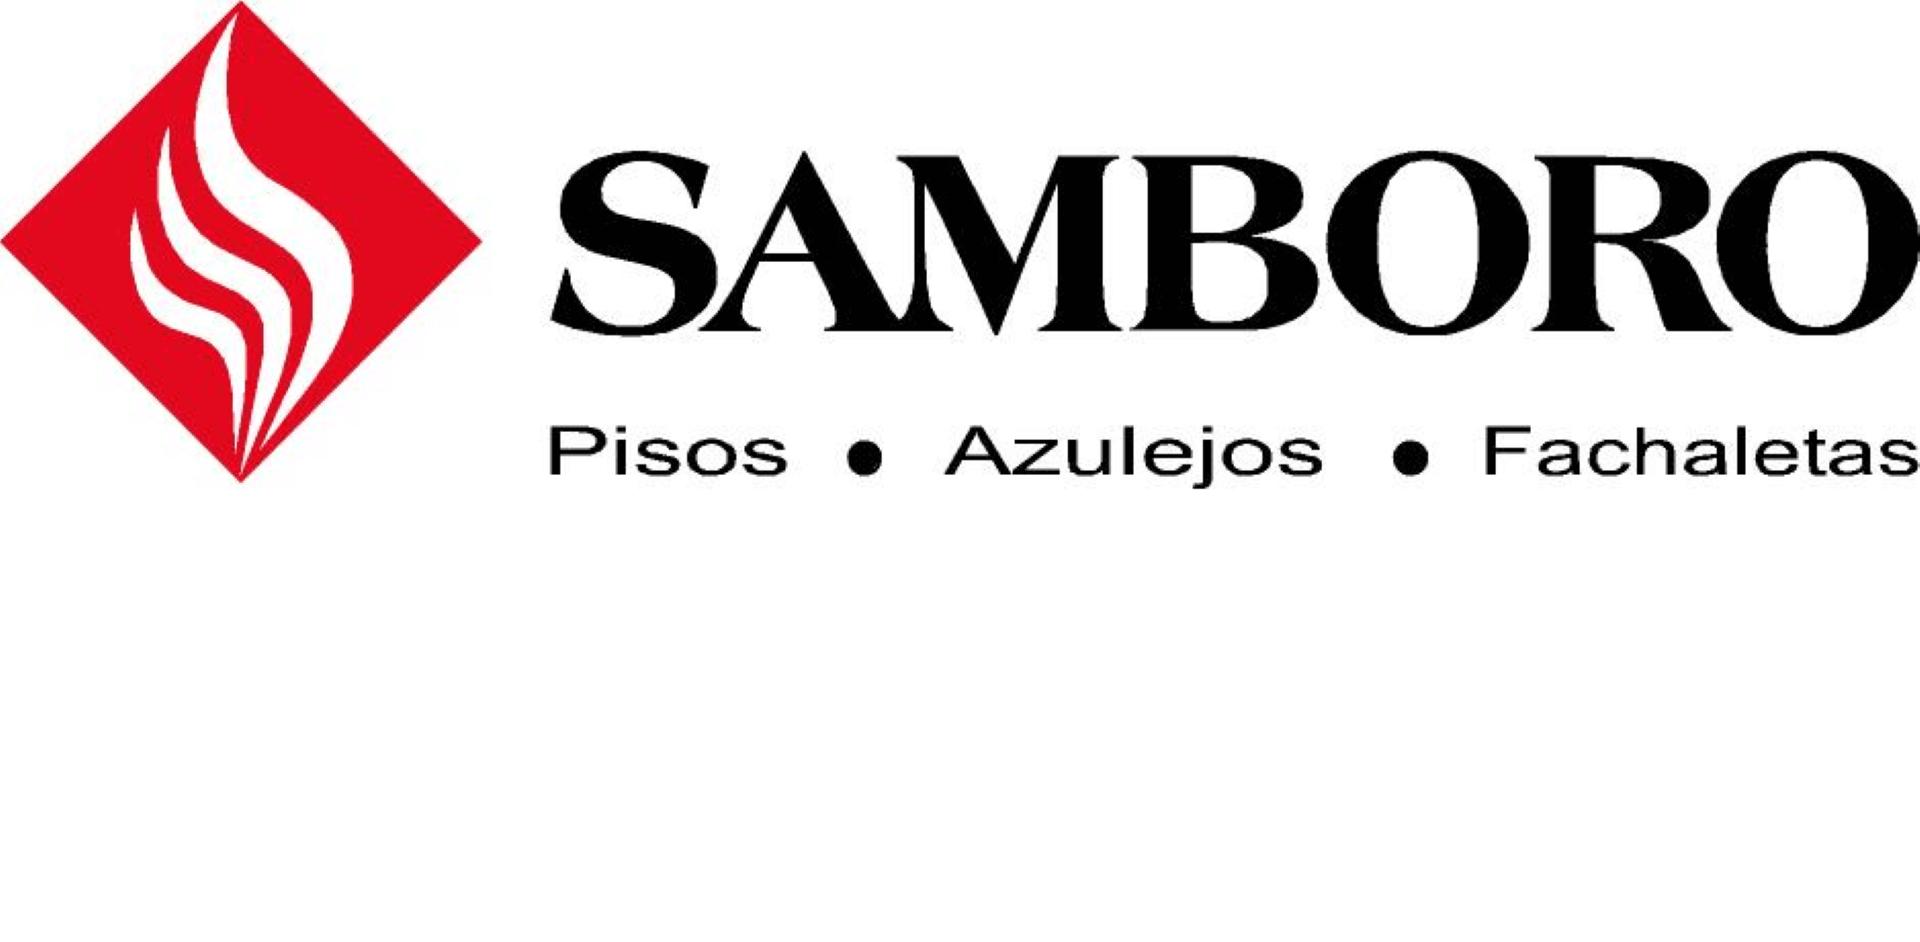 Samboro